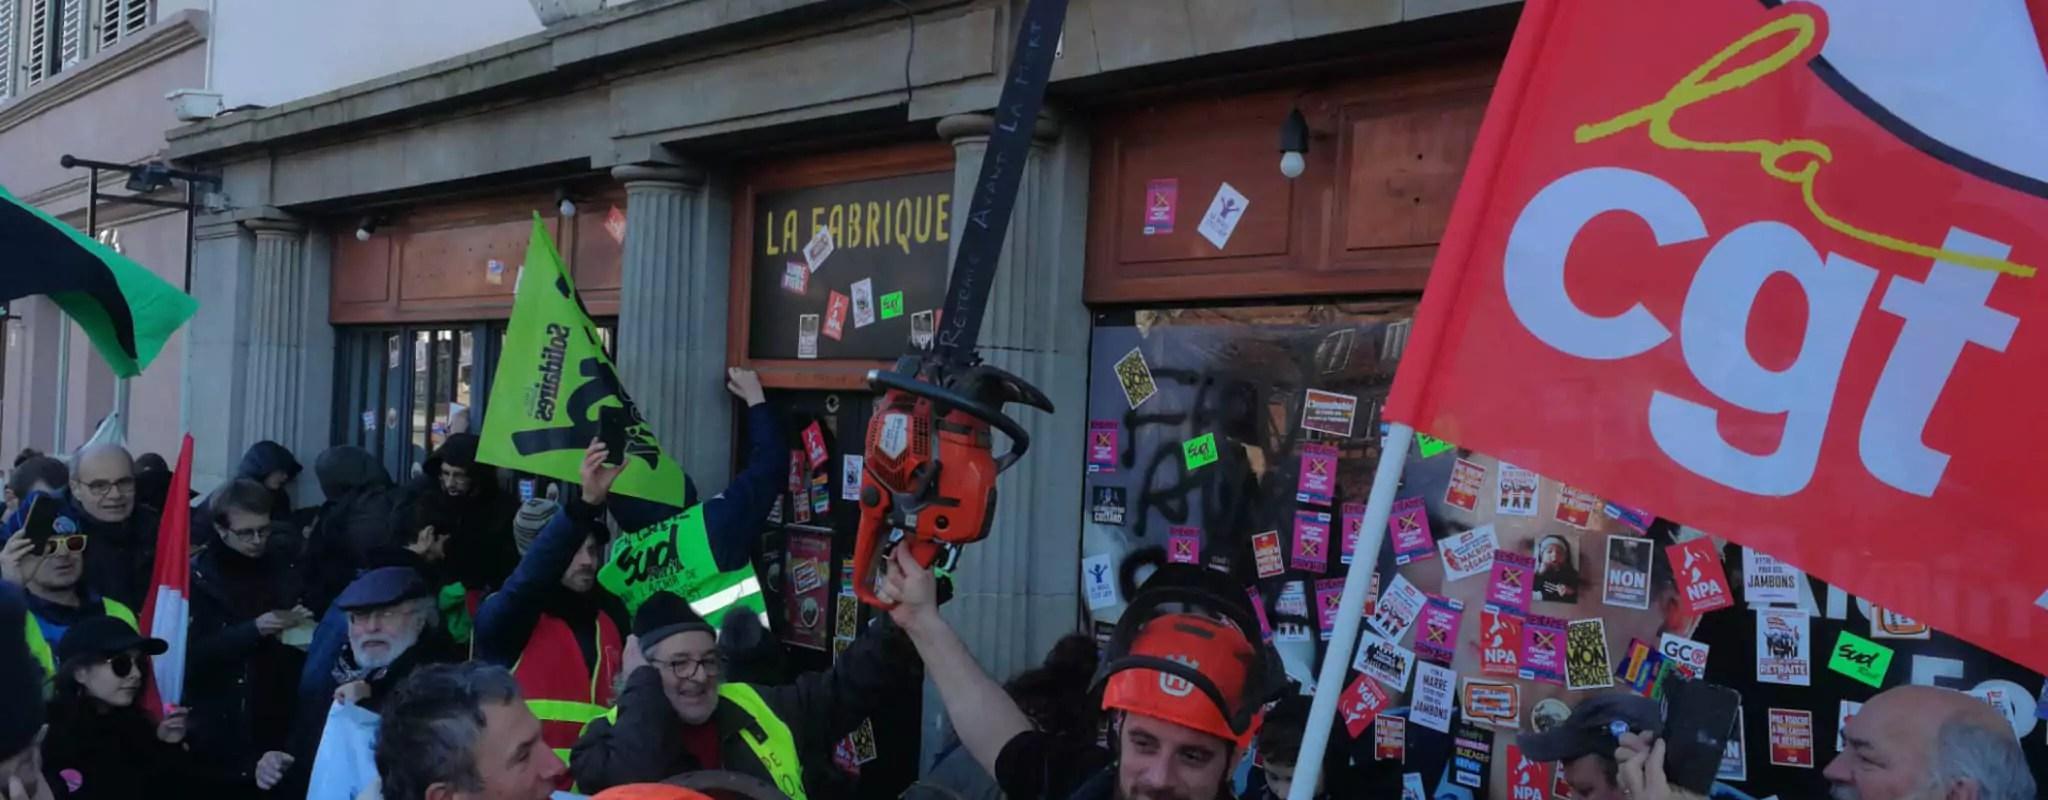 Perturber la campagne d'Alain Fontanel: tout un programme pour les militants anti-Macron